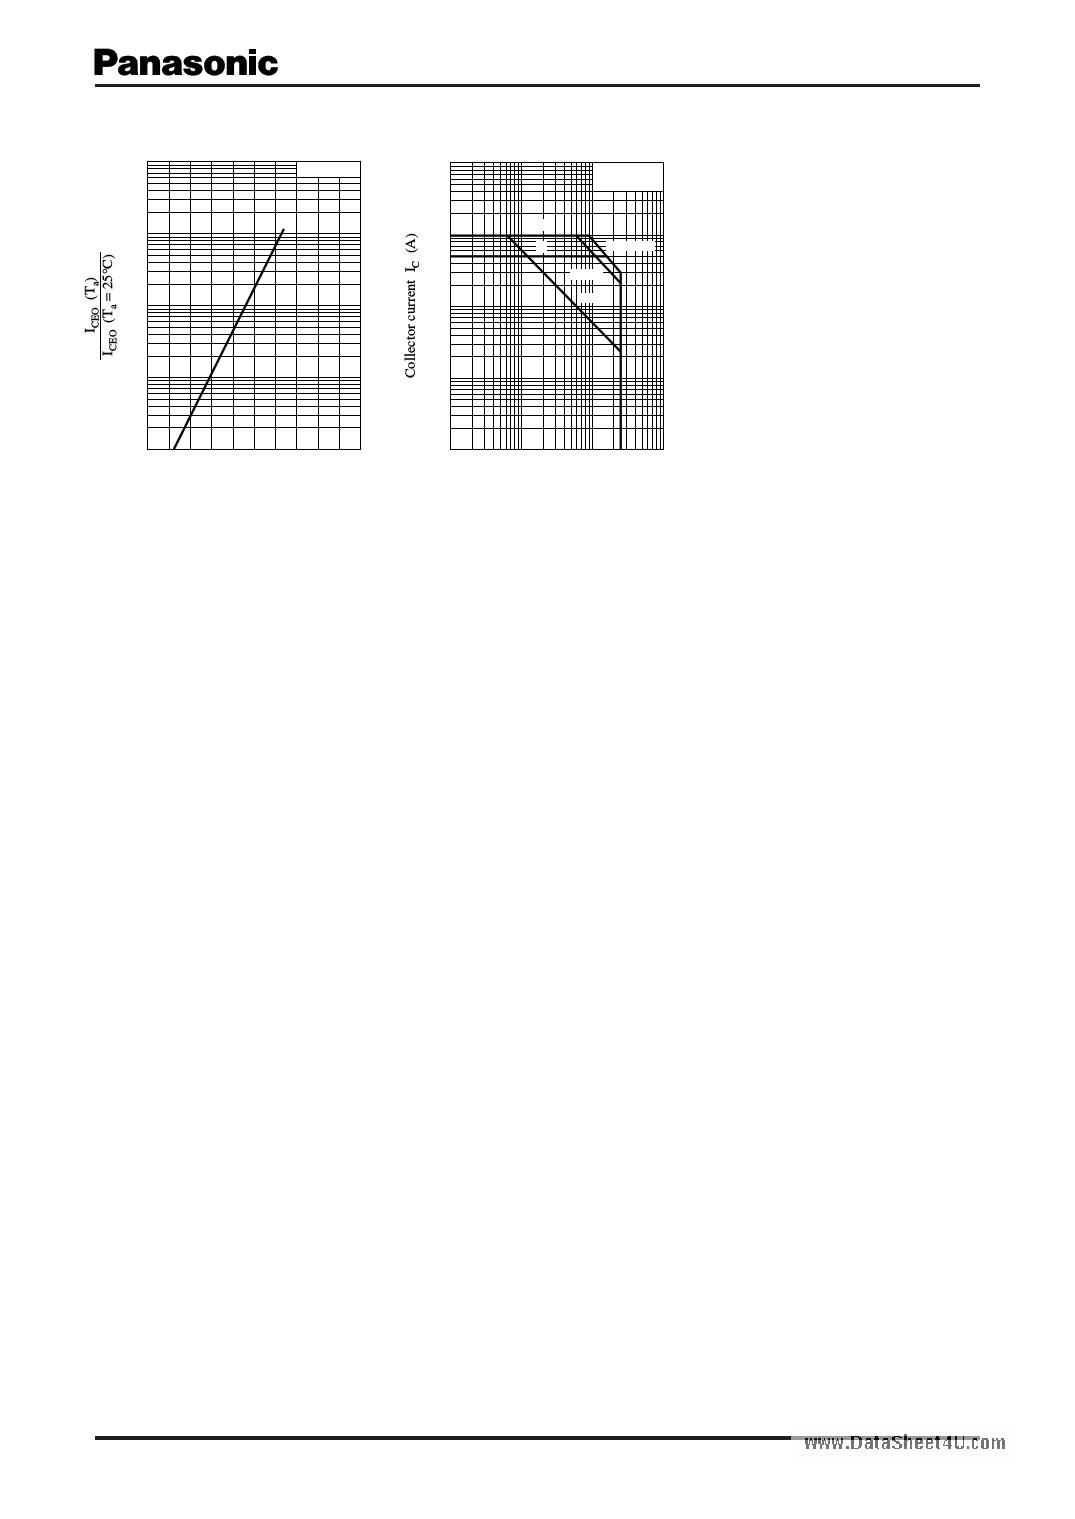 C1317 pdf, ピン配列